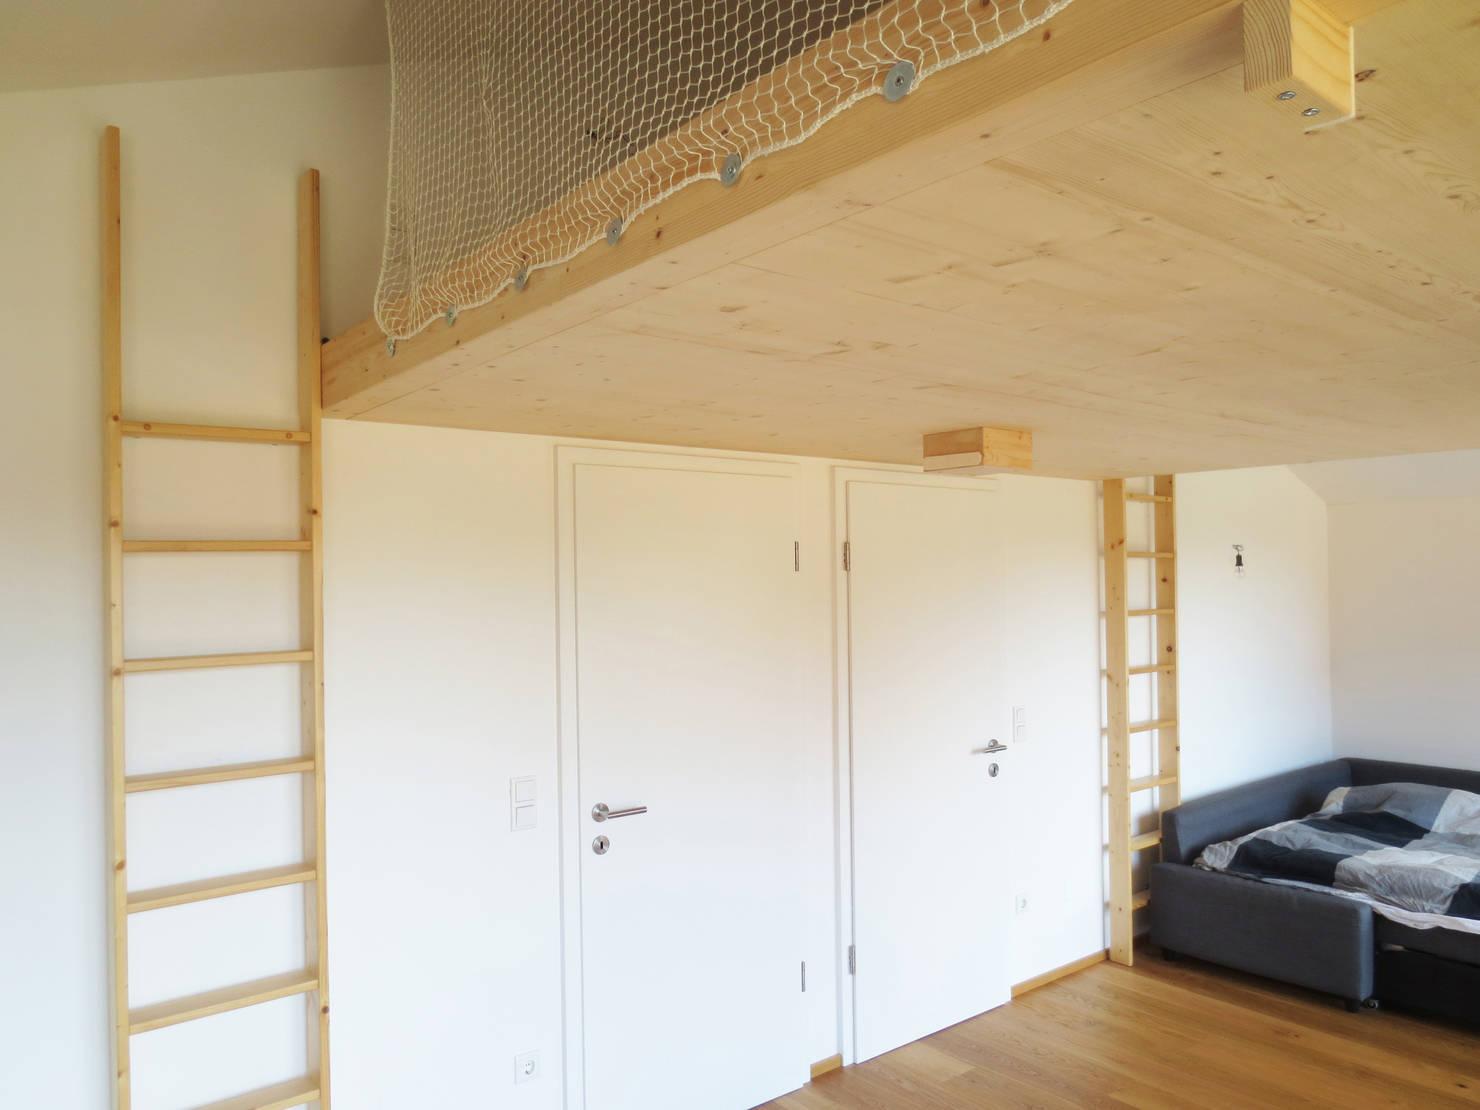 Деревянный дом по сборной технологии- фотографии